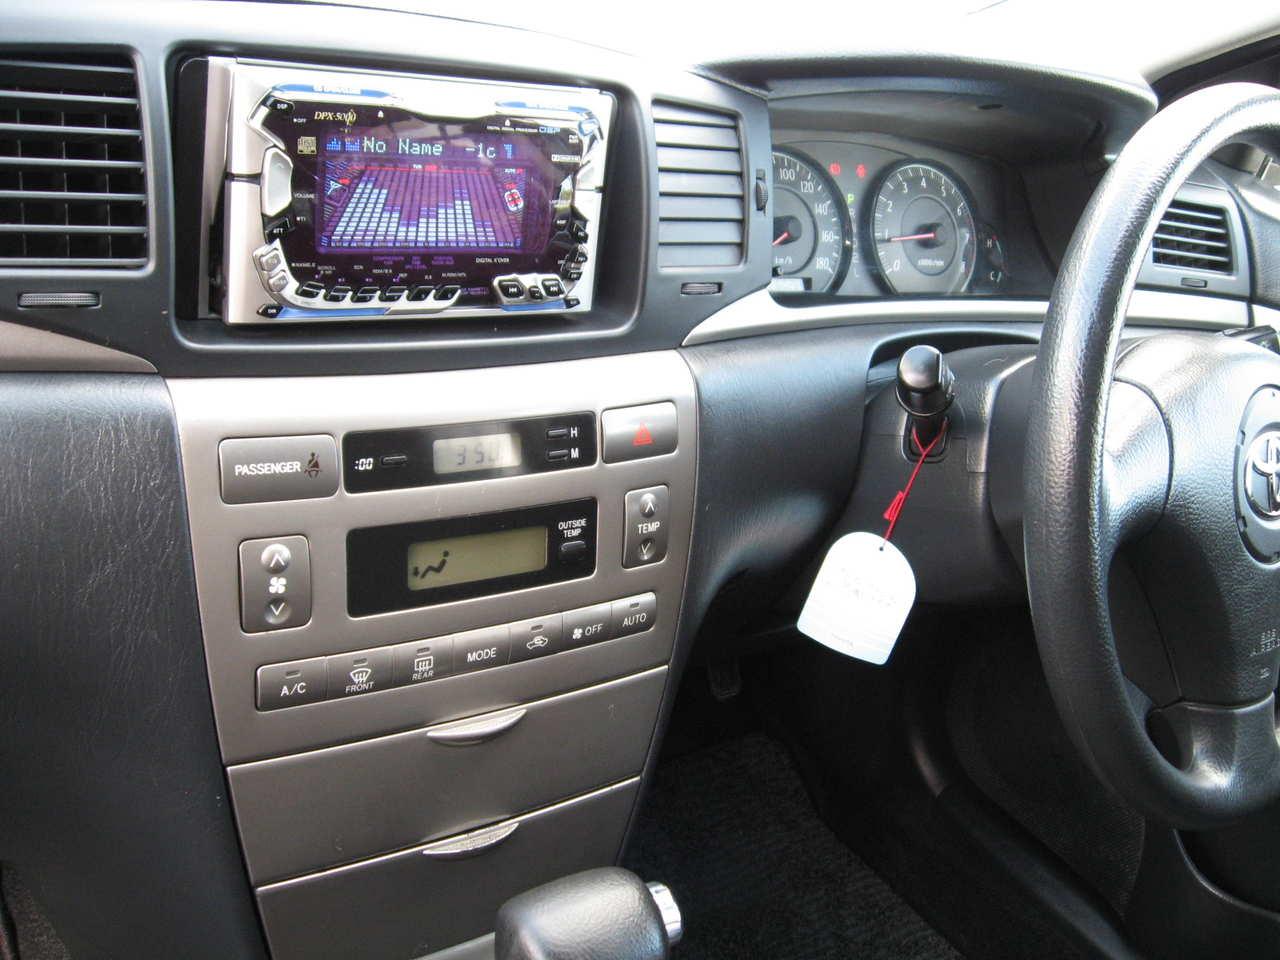 2005 Toyota Corolla RUNX For Sale